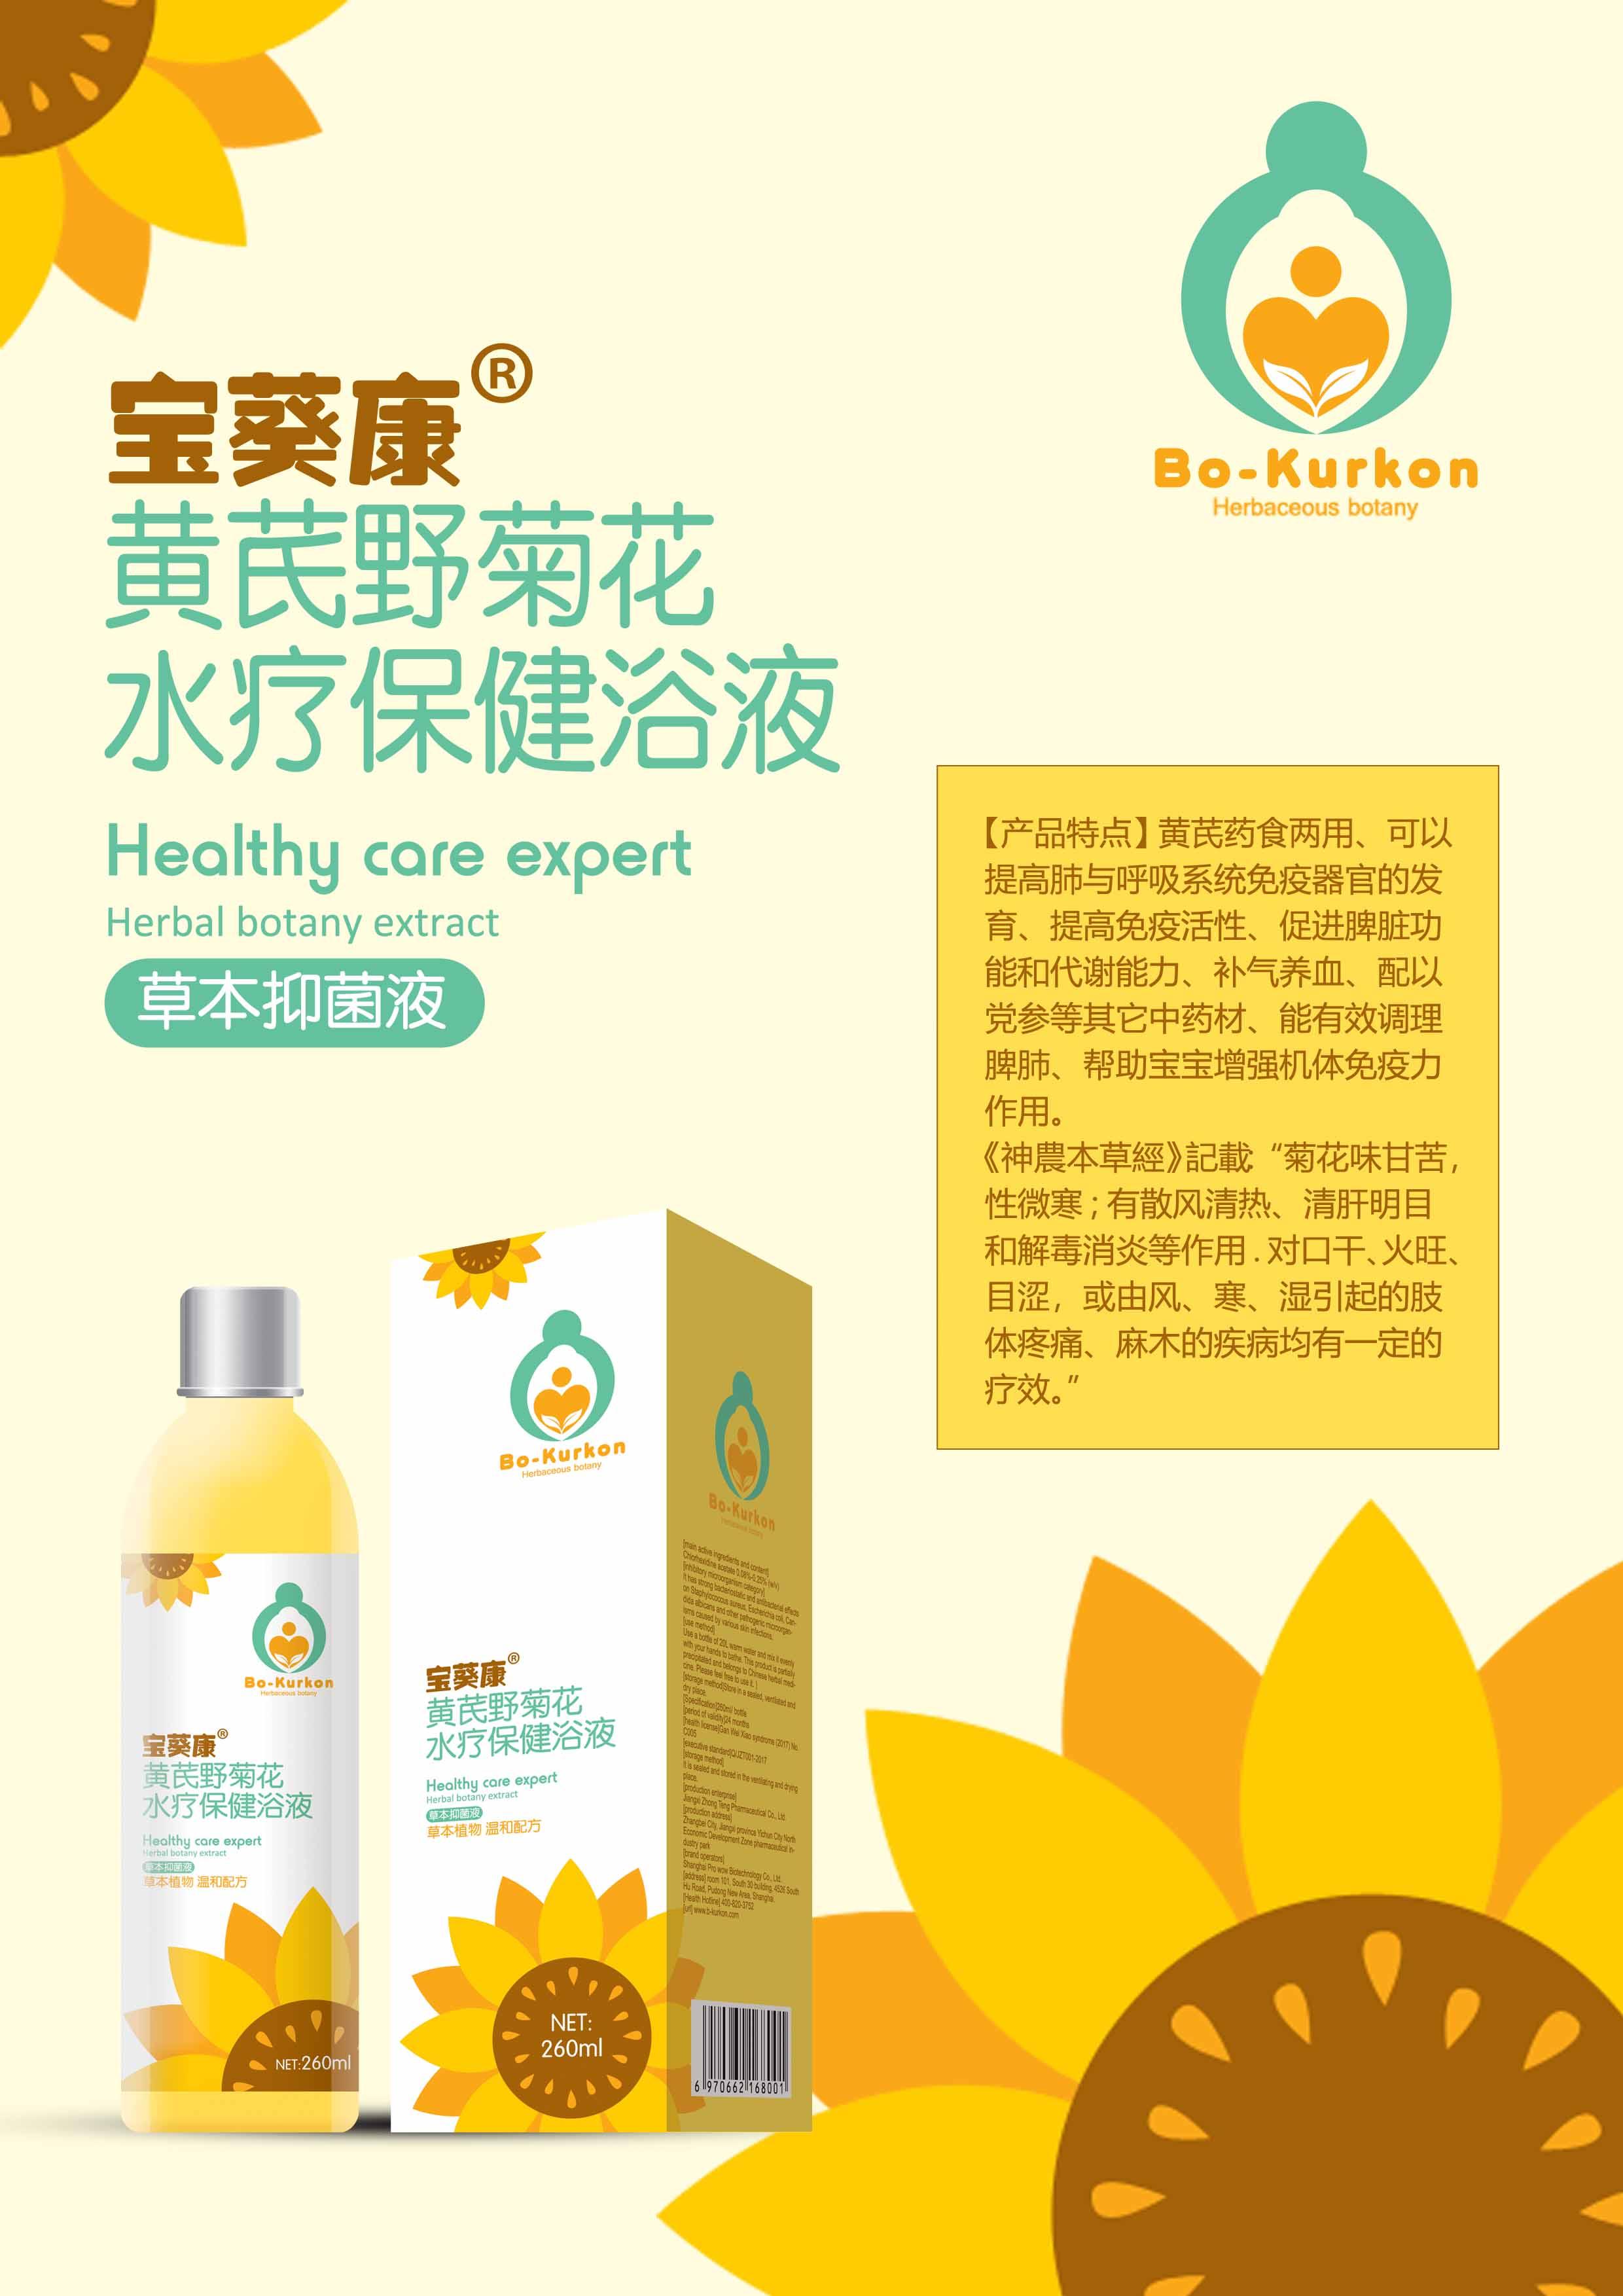 宝葵康水疗保健浴液 防治湿疹增强抵抗力